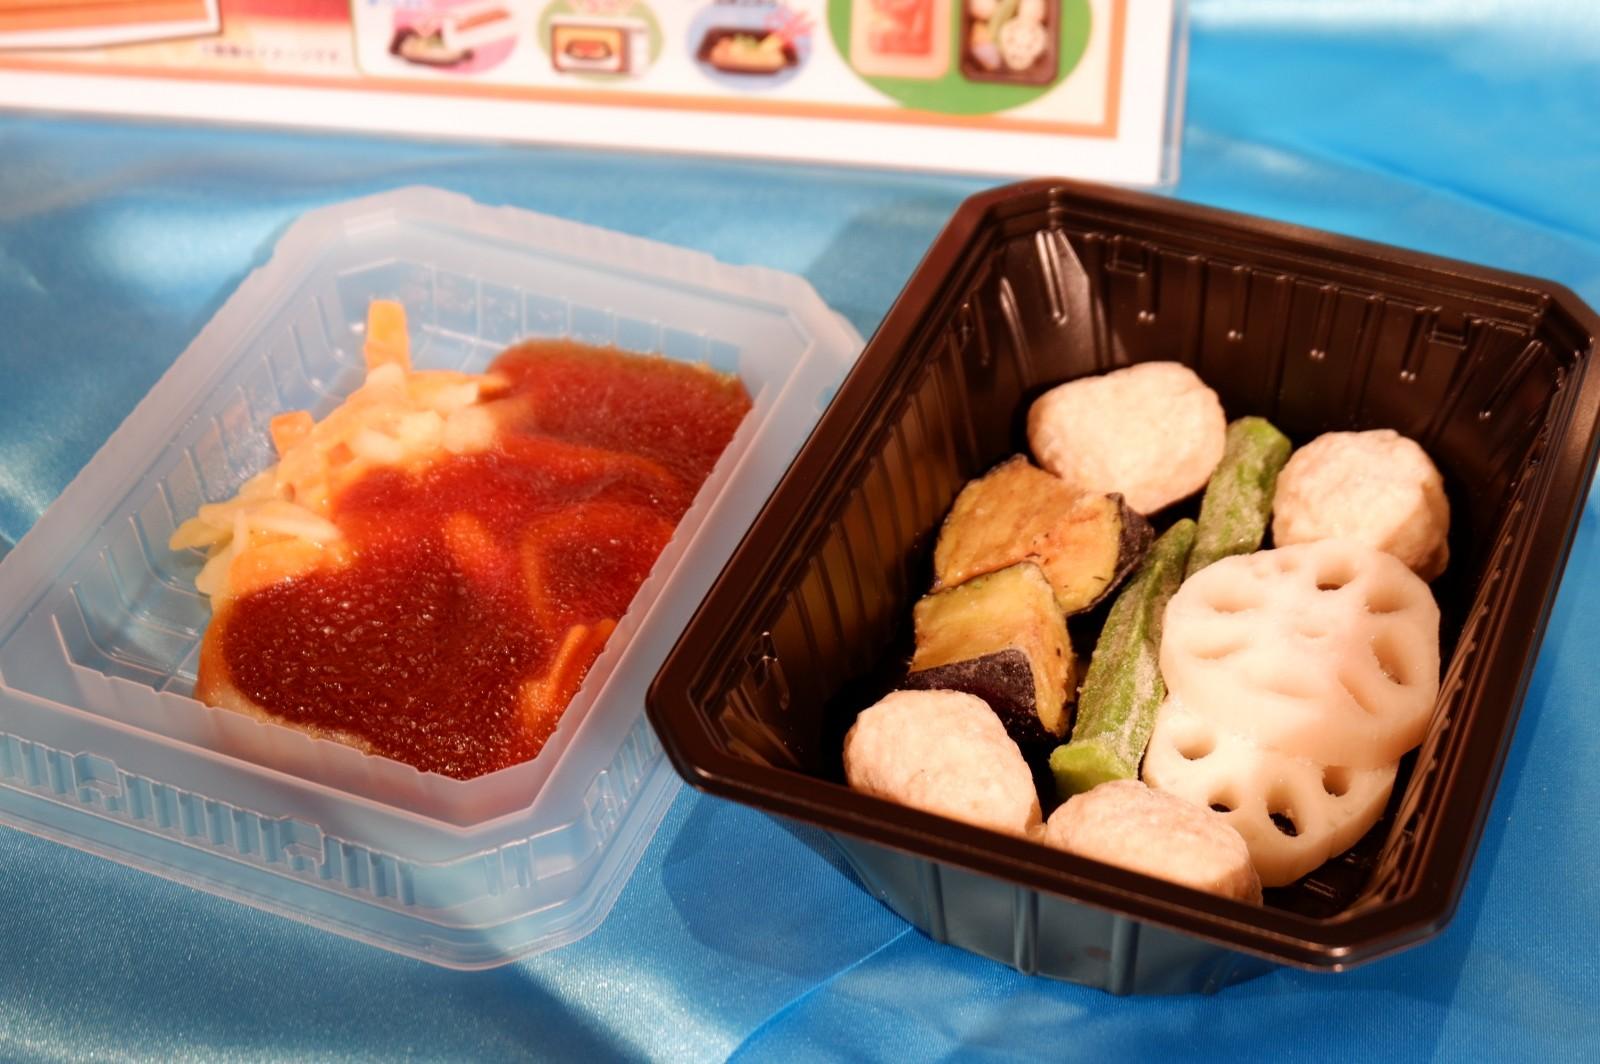 ニッスイの「レンジでつくる」シリーズ 中華に続いて服部栄養専門学校監修の「和食キット」